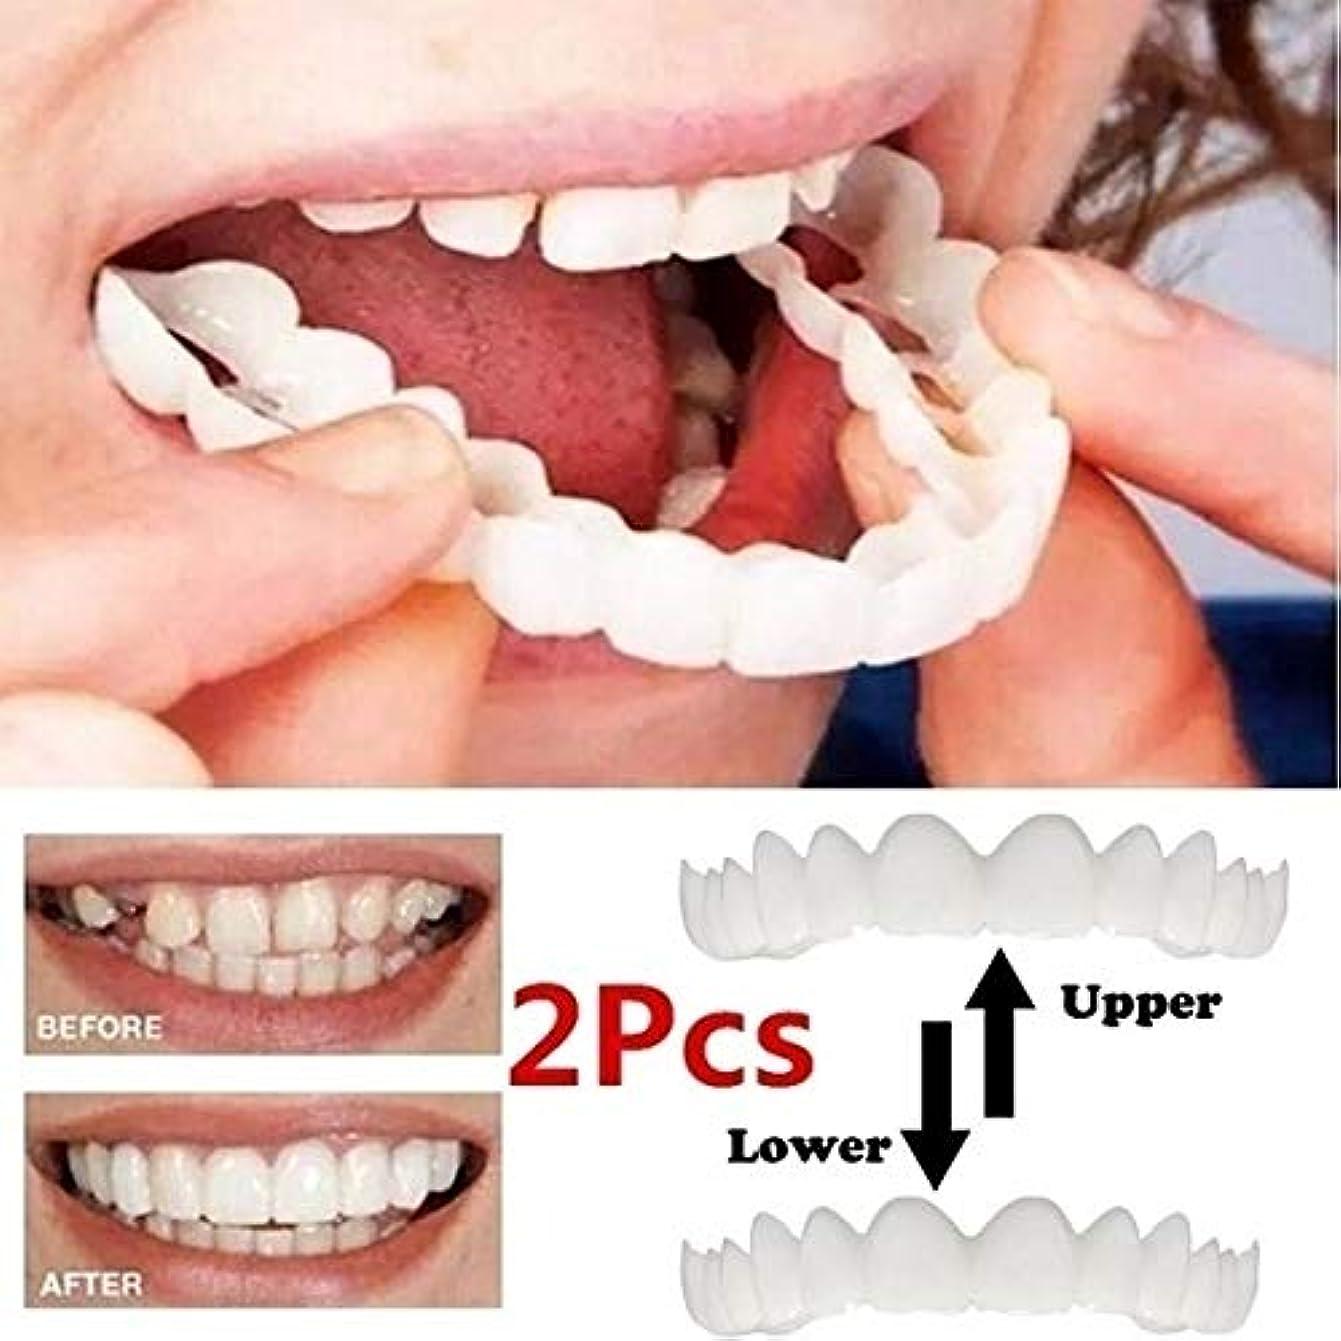 写真プーノ補う一時的な笑顔の快適さフィット化粧品の歯義歯のベニヤ歯の快適さフィットフレックス化粧品の歯の上の歯のベニヤと下のベニヤ - 歯のベニヤ